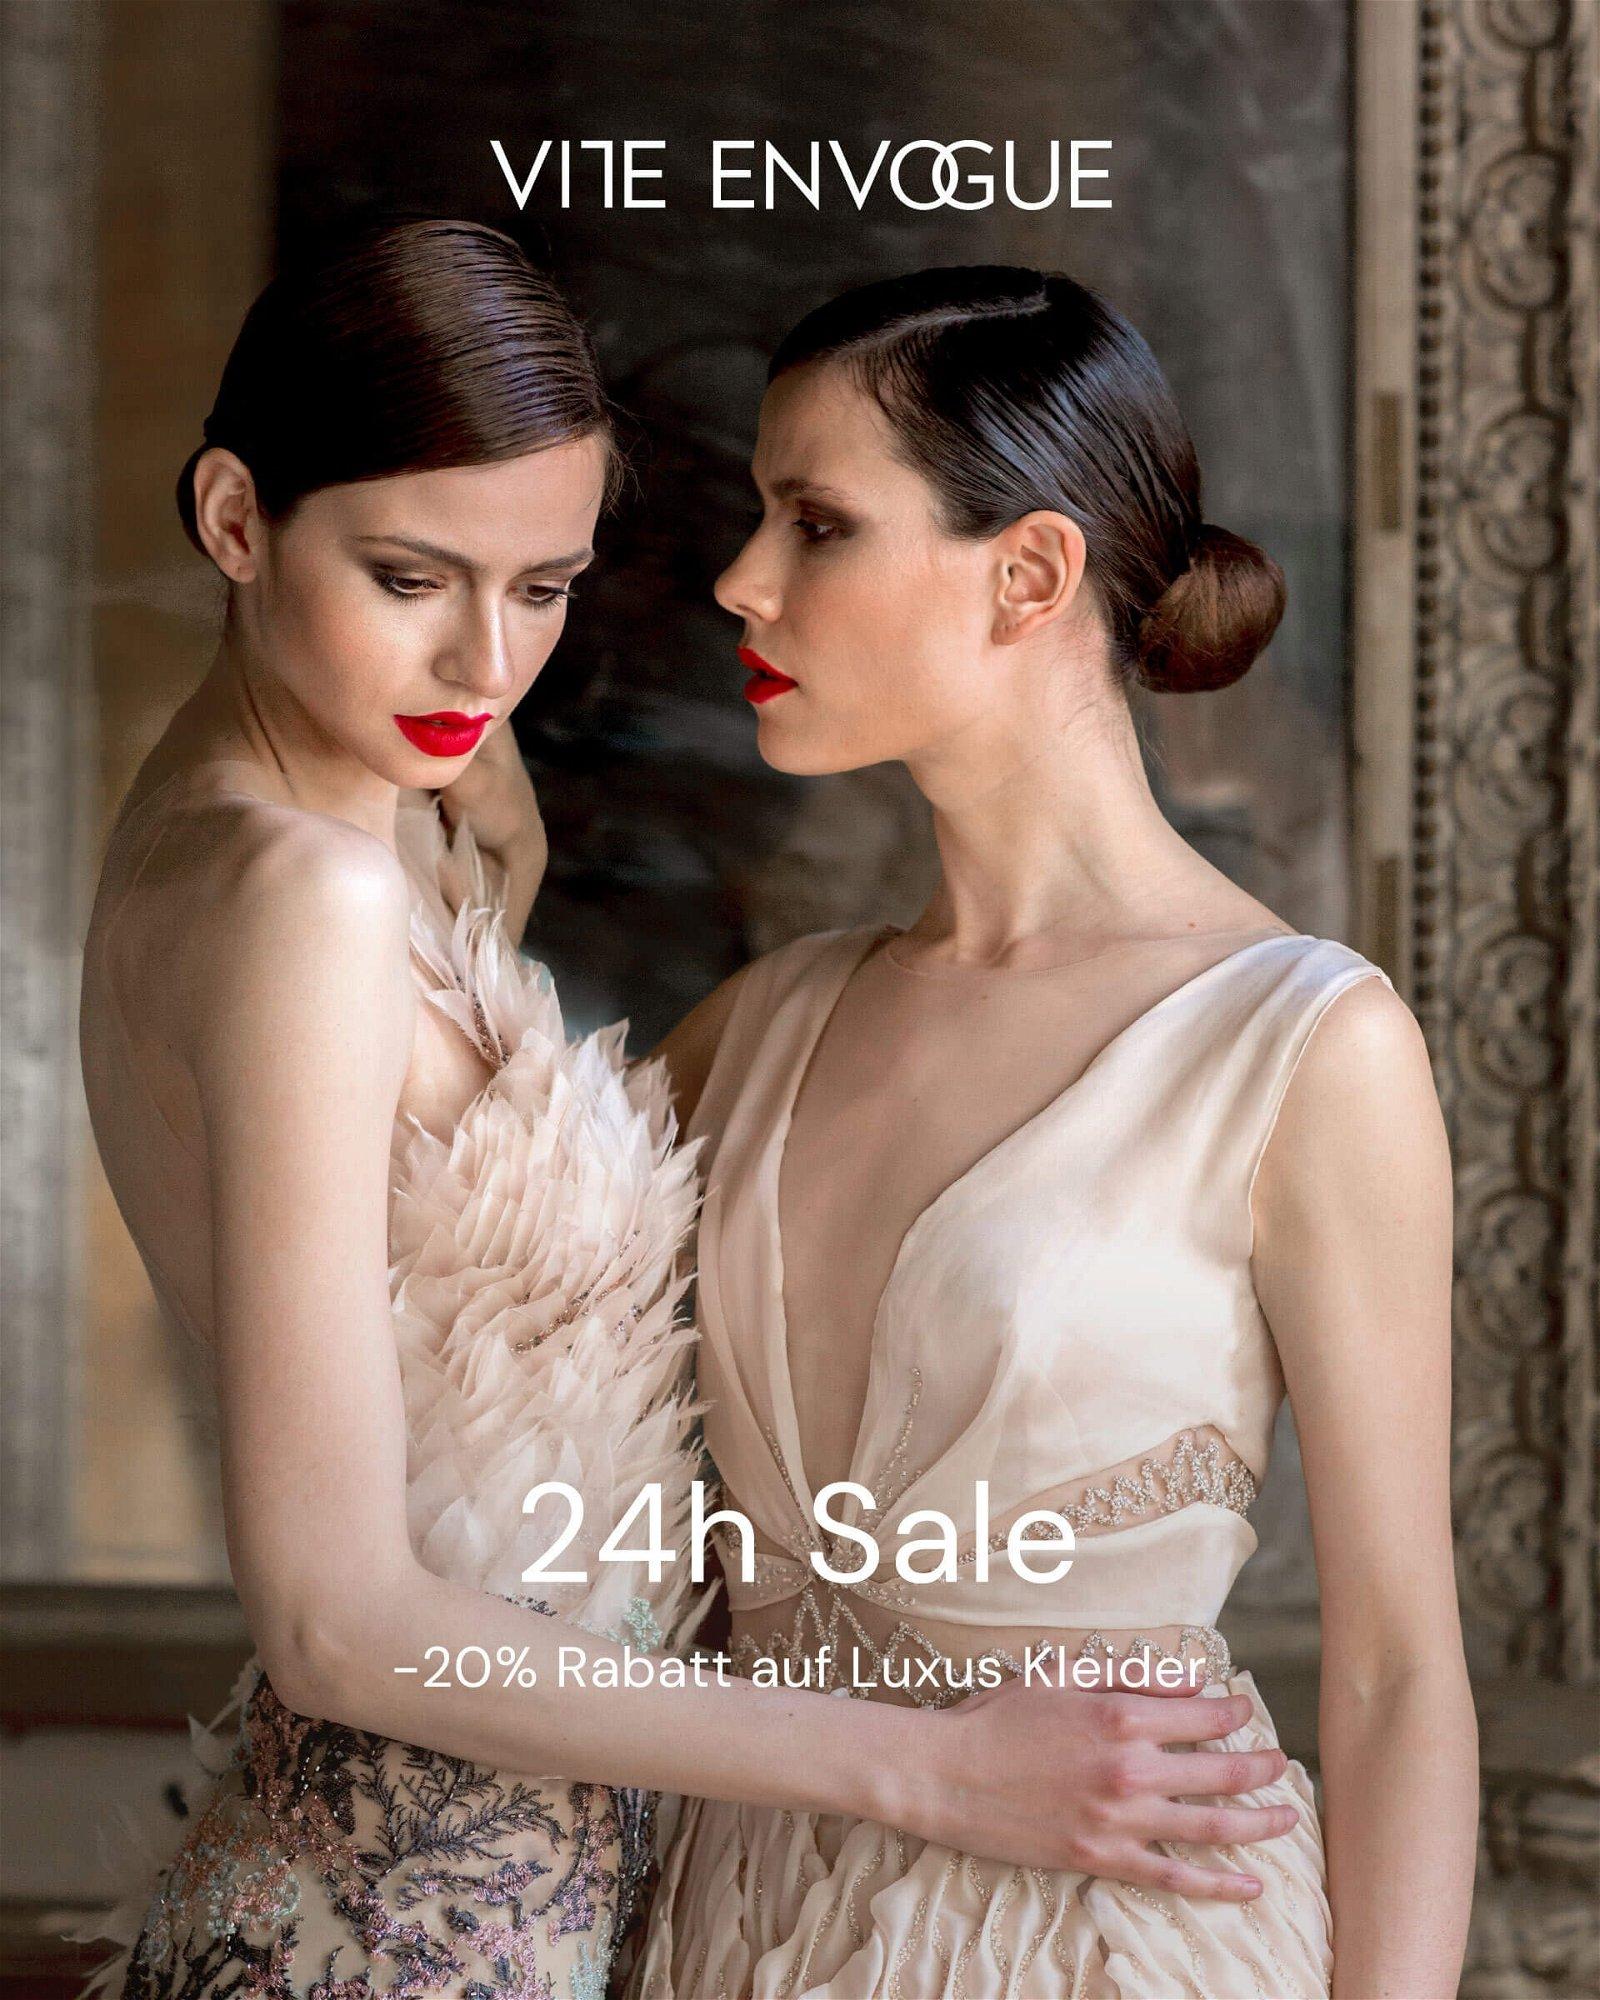 vite envogue DE: 📣 19H Sale: -19% Rabatt auf Luxus Kleider